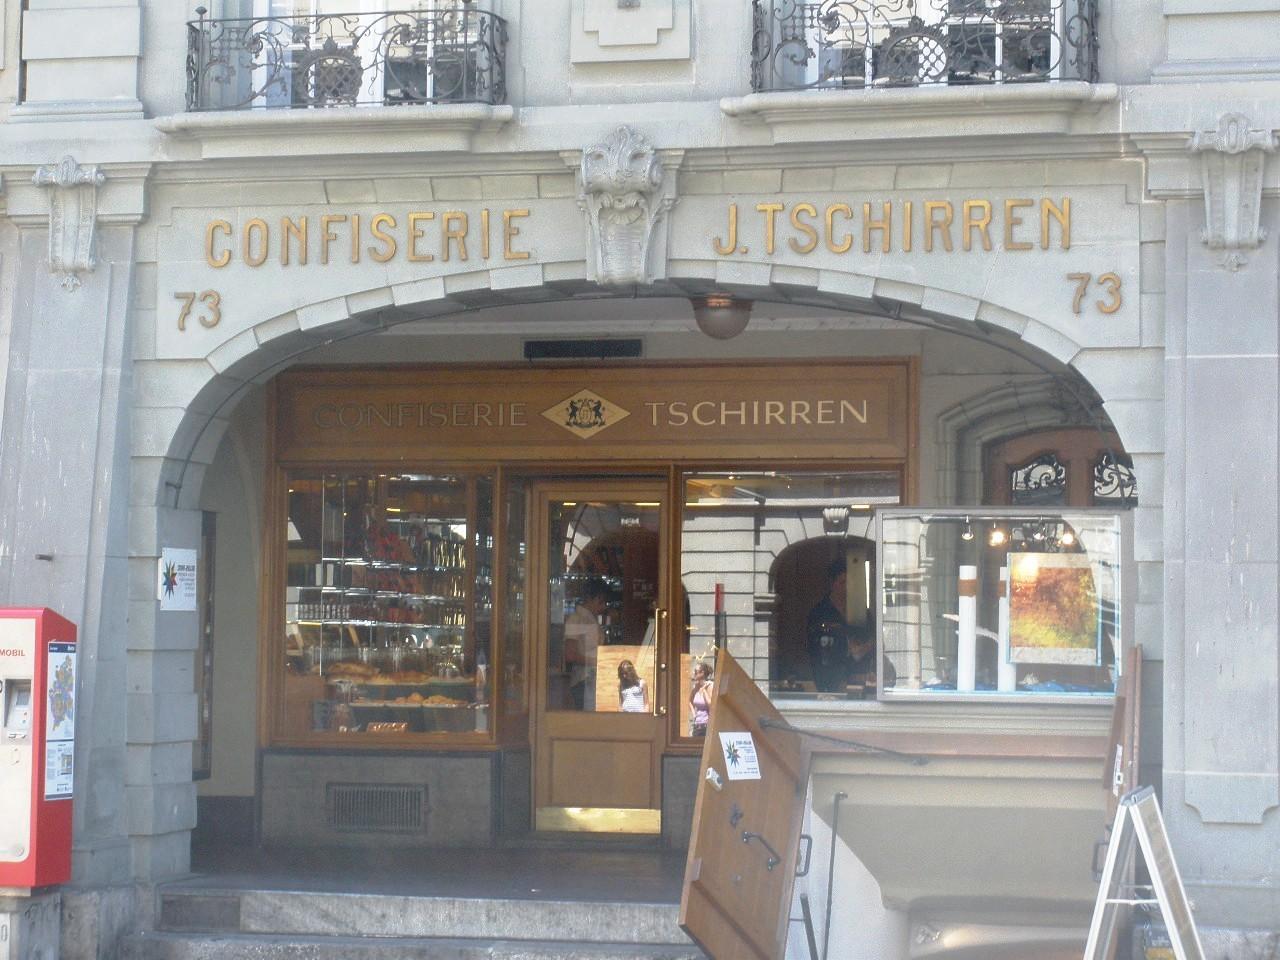 スイスの首都ベルンでショッピング!お土産も買えるおすすめグルメ&雑貨ショップ5選